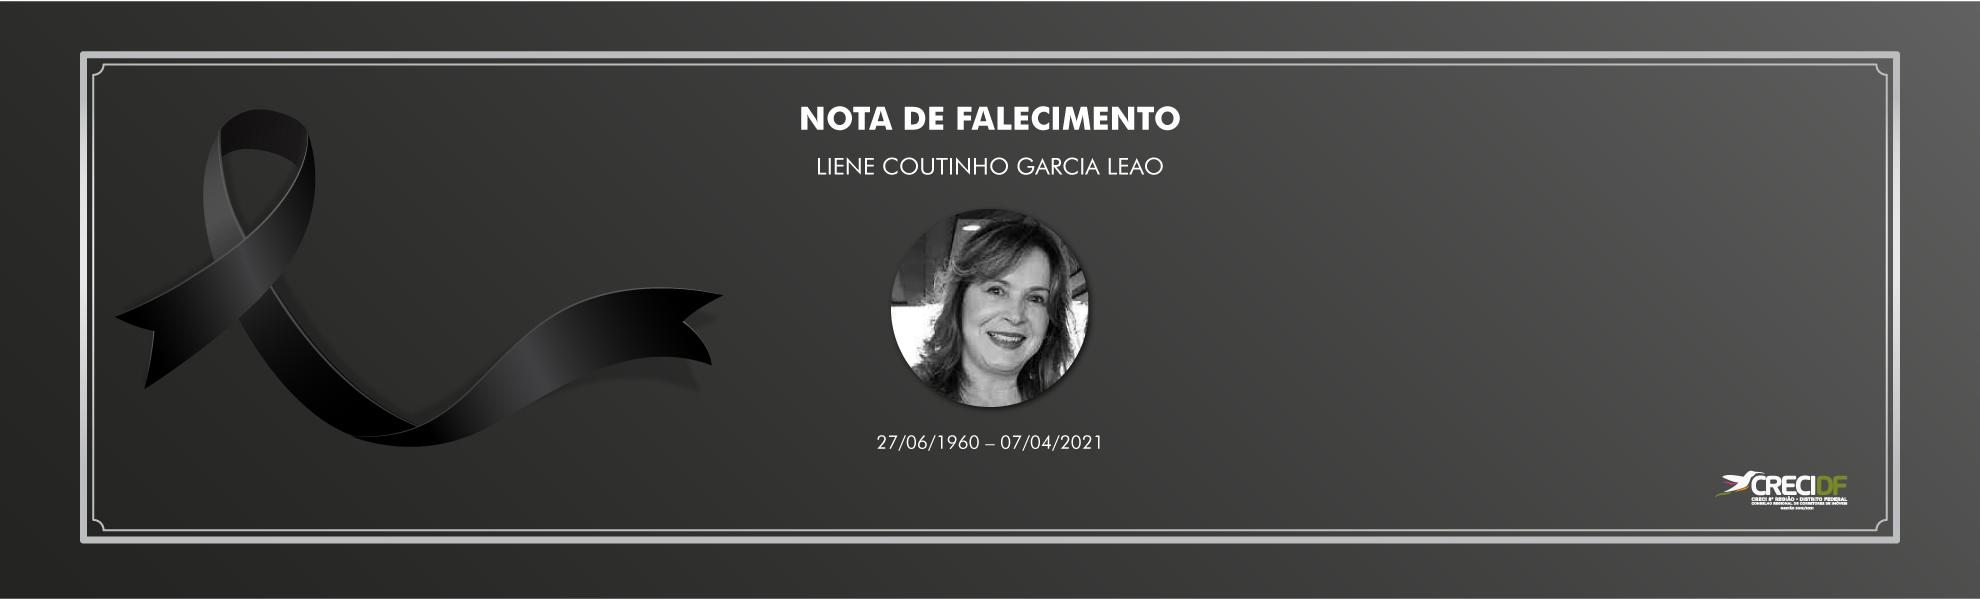 NOTA-DE-FALECIMENTO-LIENE-COUTINHO_